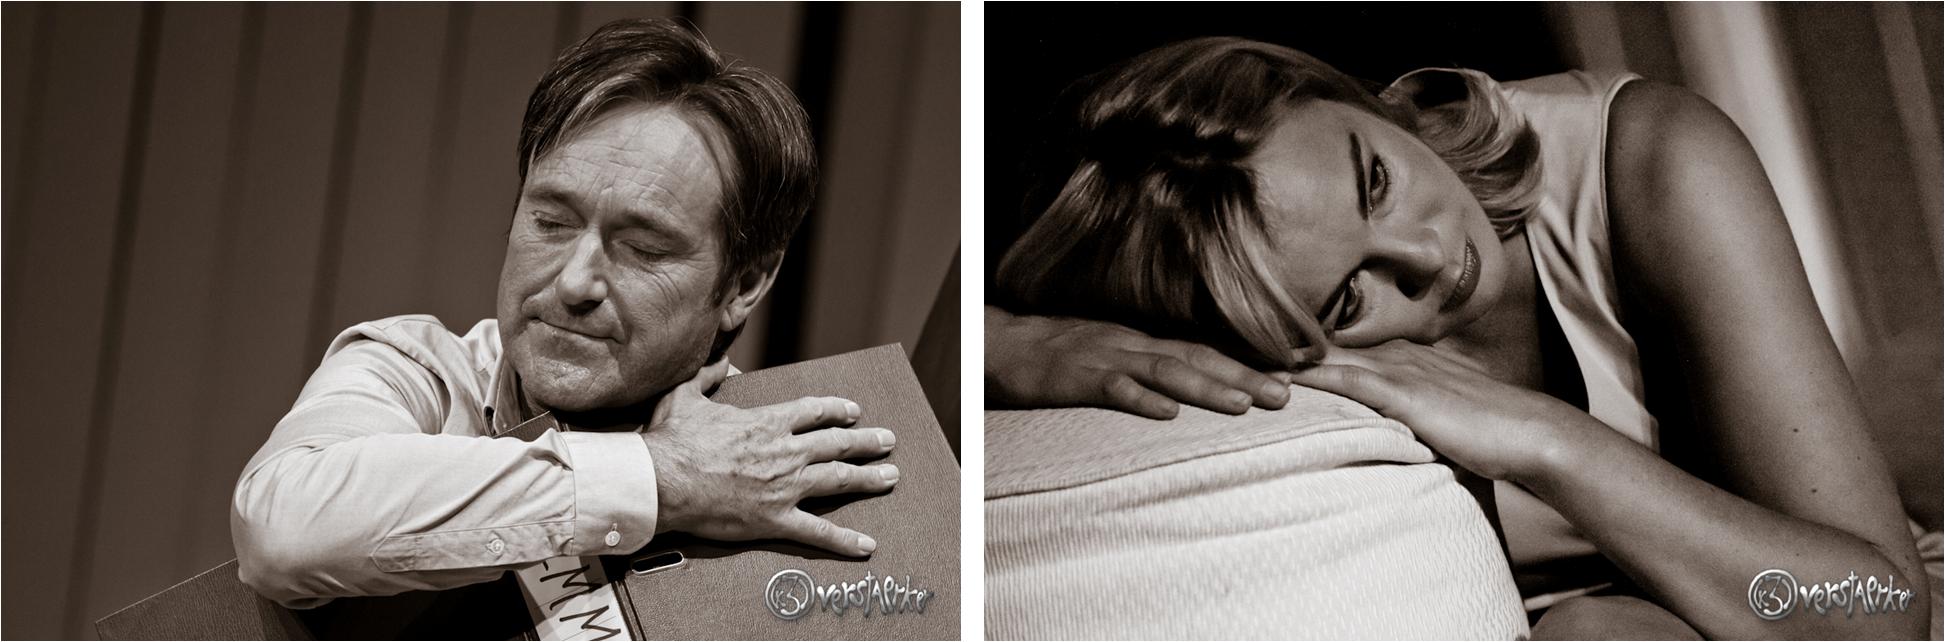 Verliebt: Leo und Emmi (Helmut Zierl und Saskia Valencia). Photos: Anders Balari